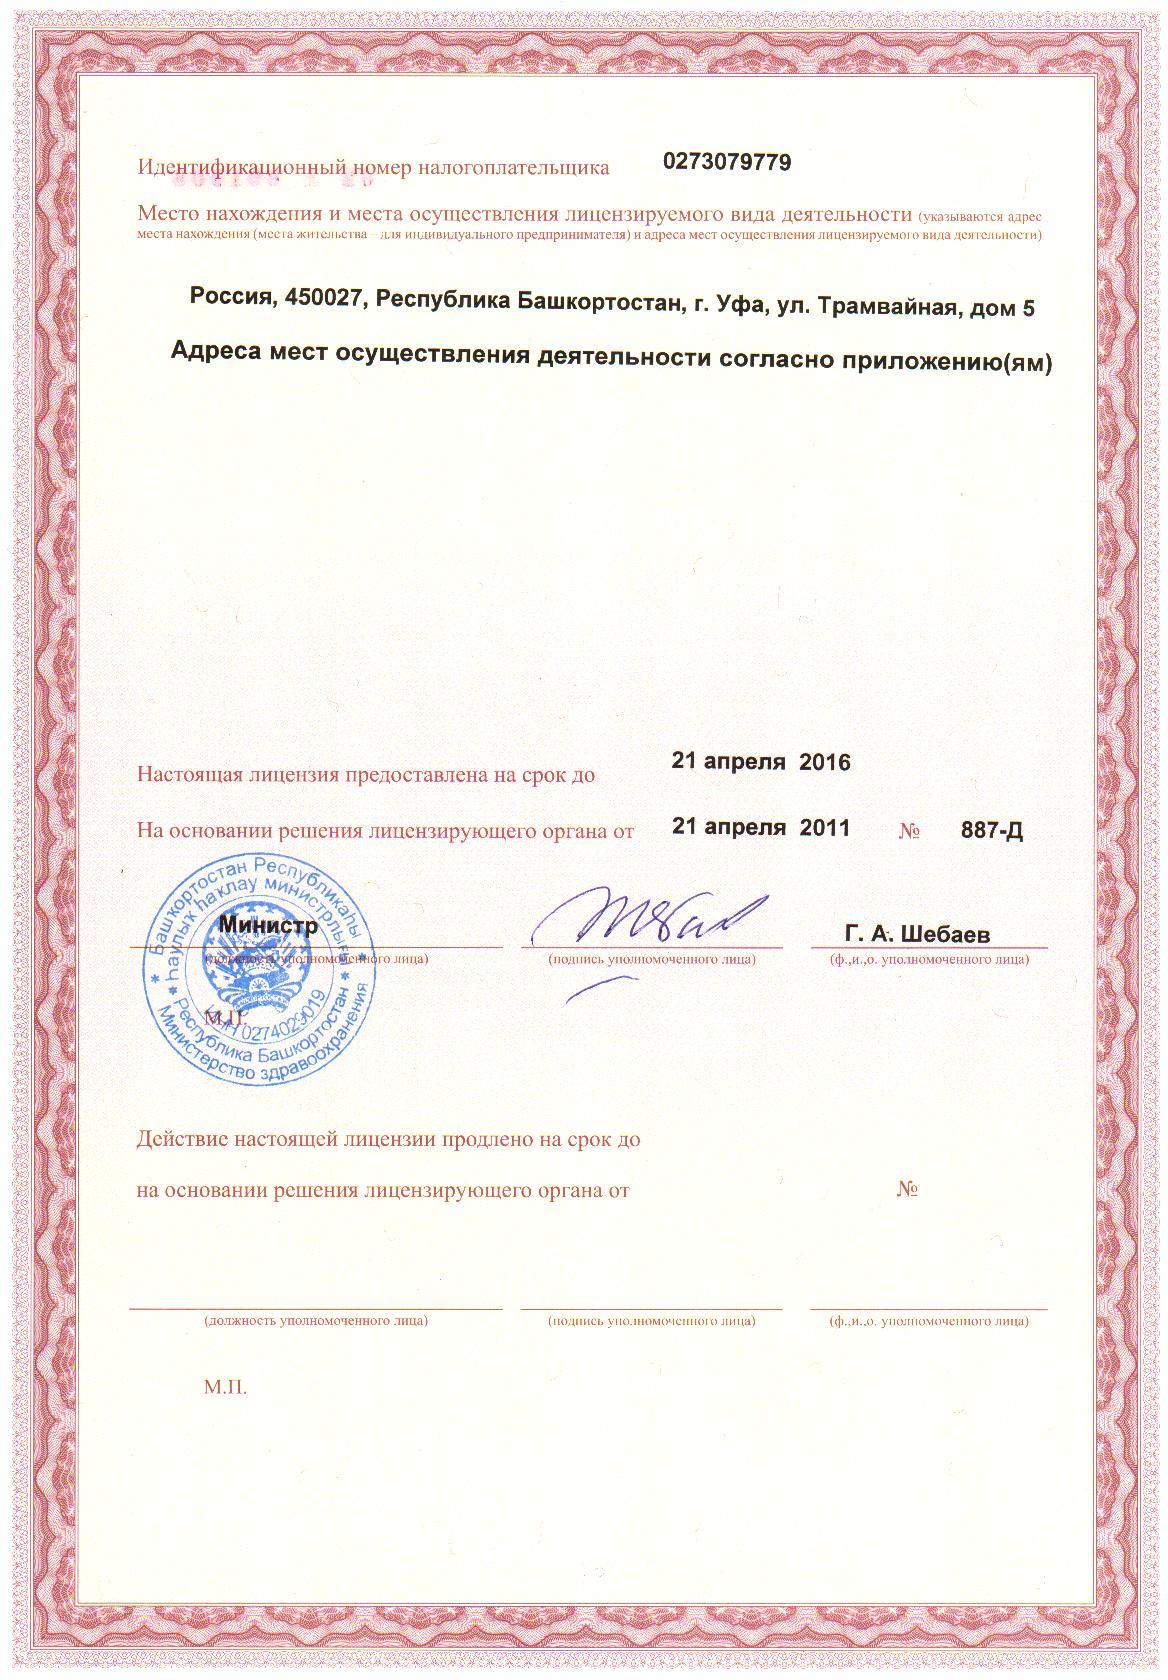 Лицензия 535.jpg 2